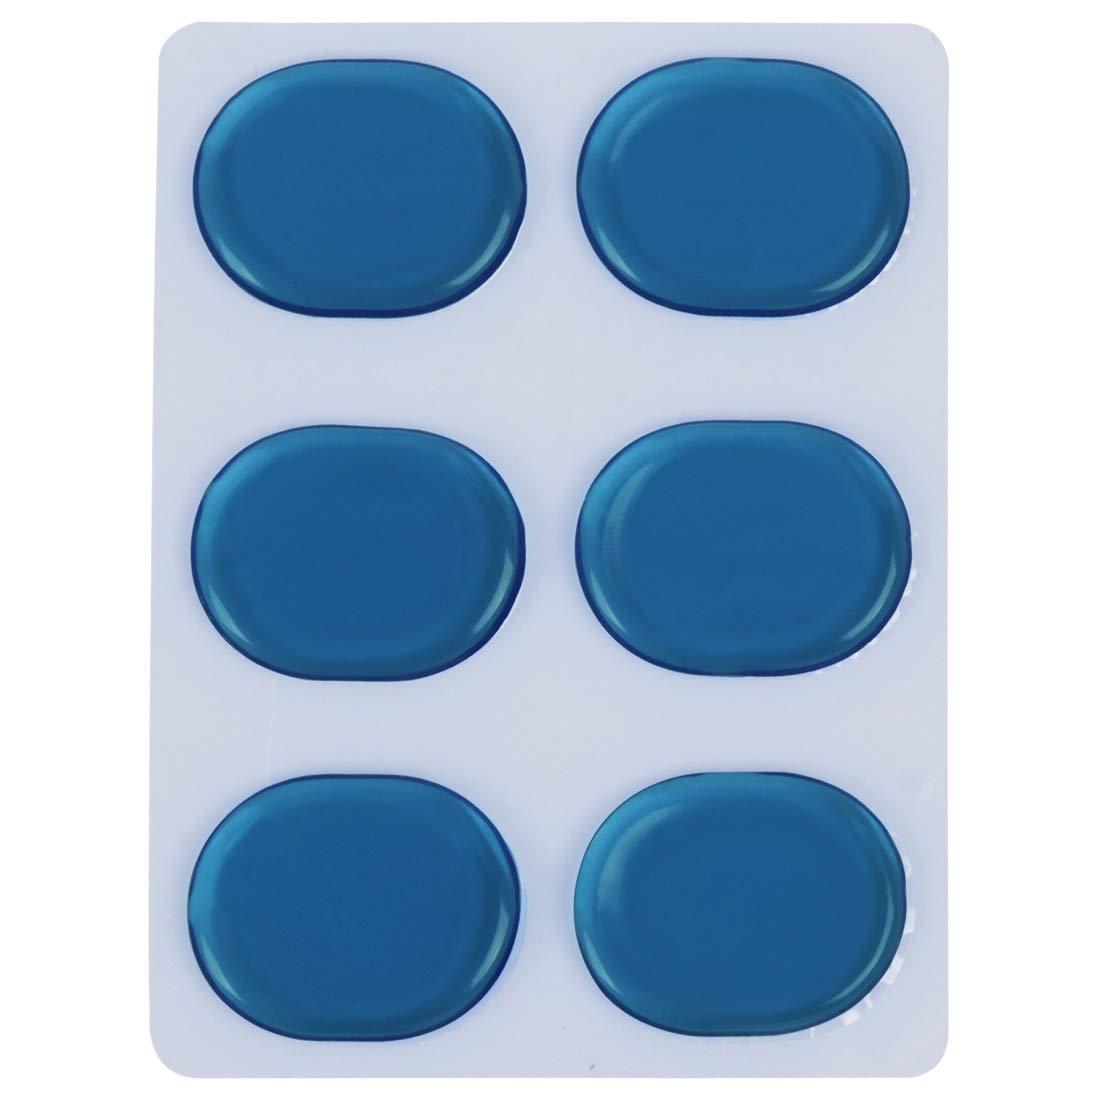 silenziosi ETbotu per percussioni blu Set di 6 tamponi in gel per batteria strumenti